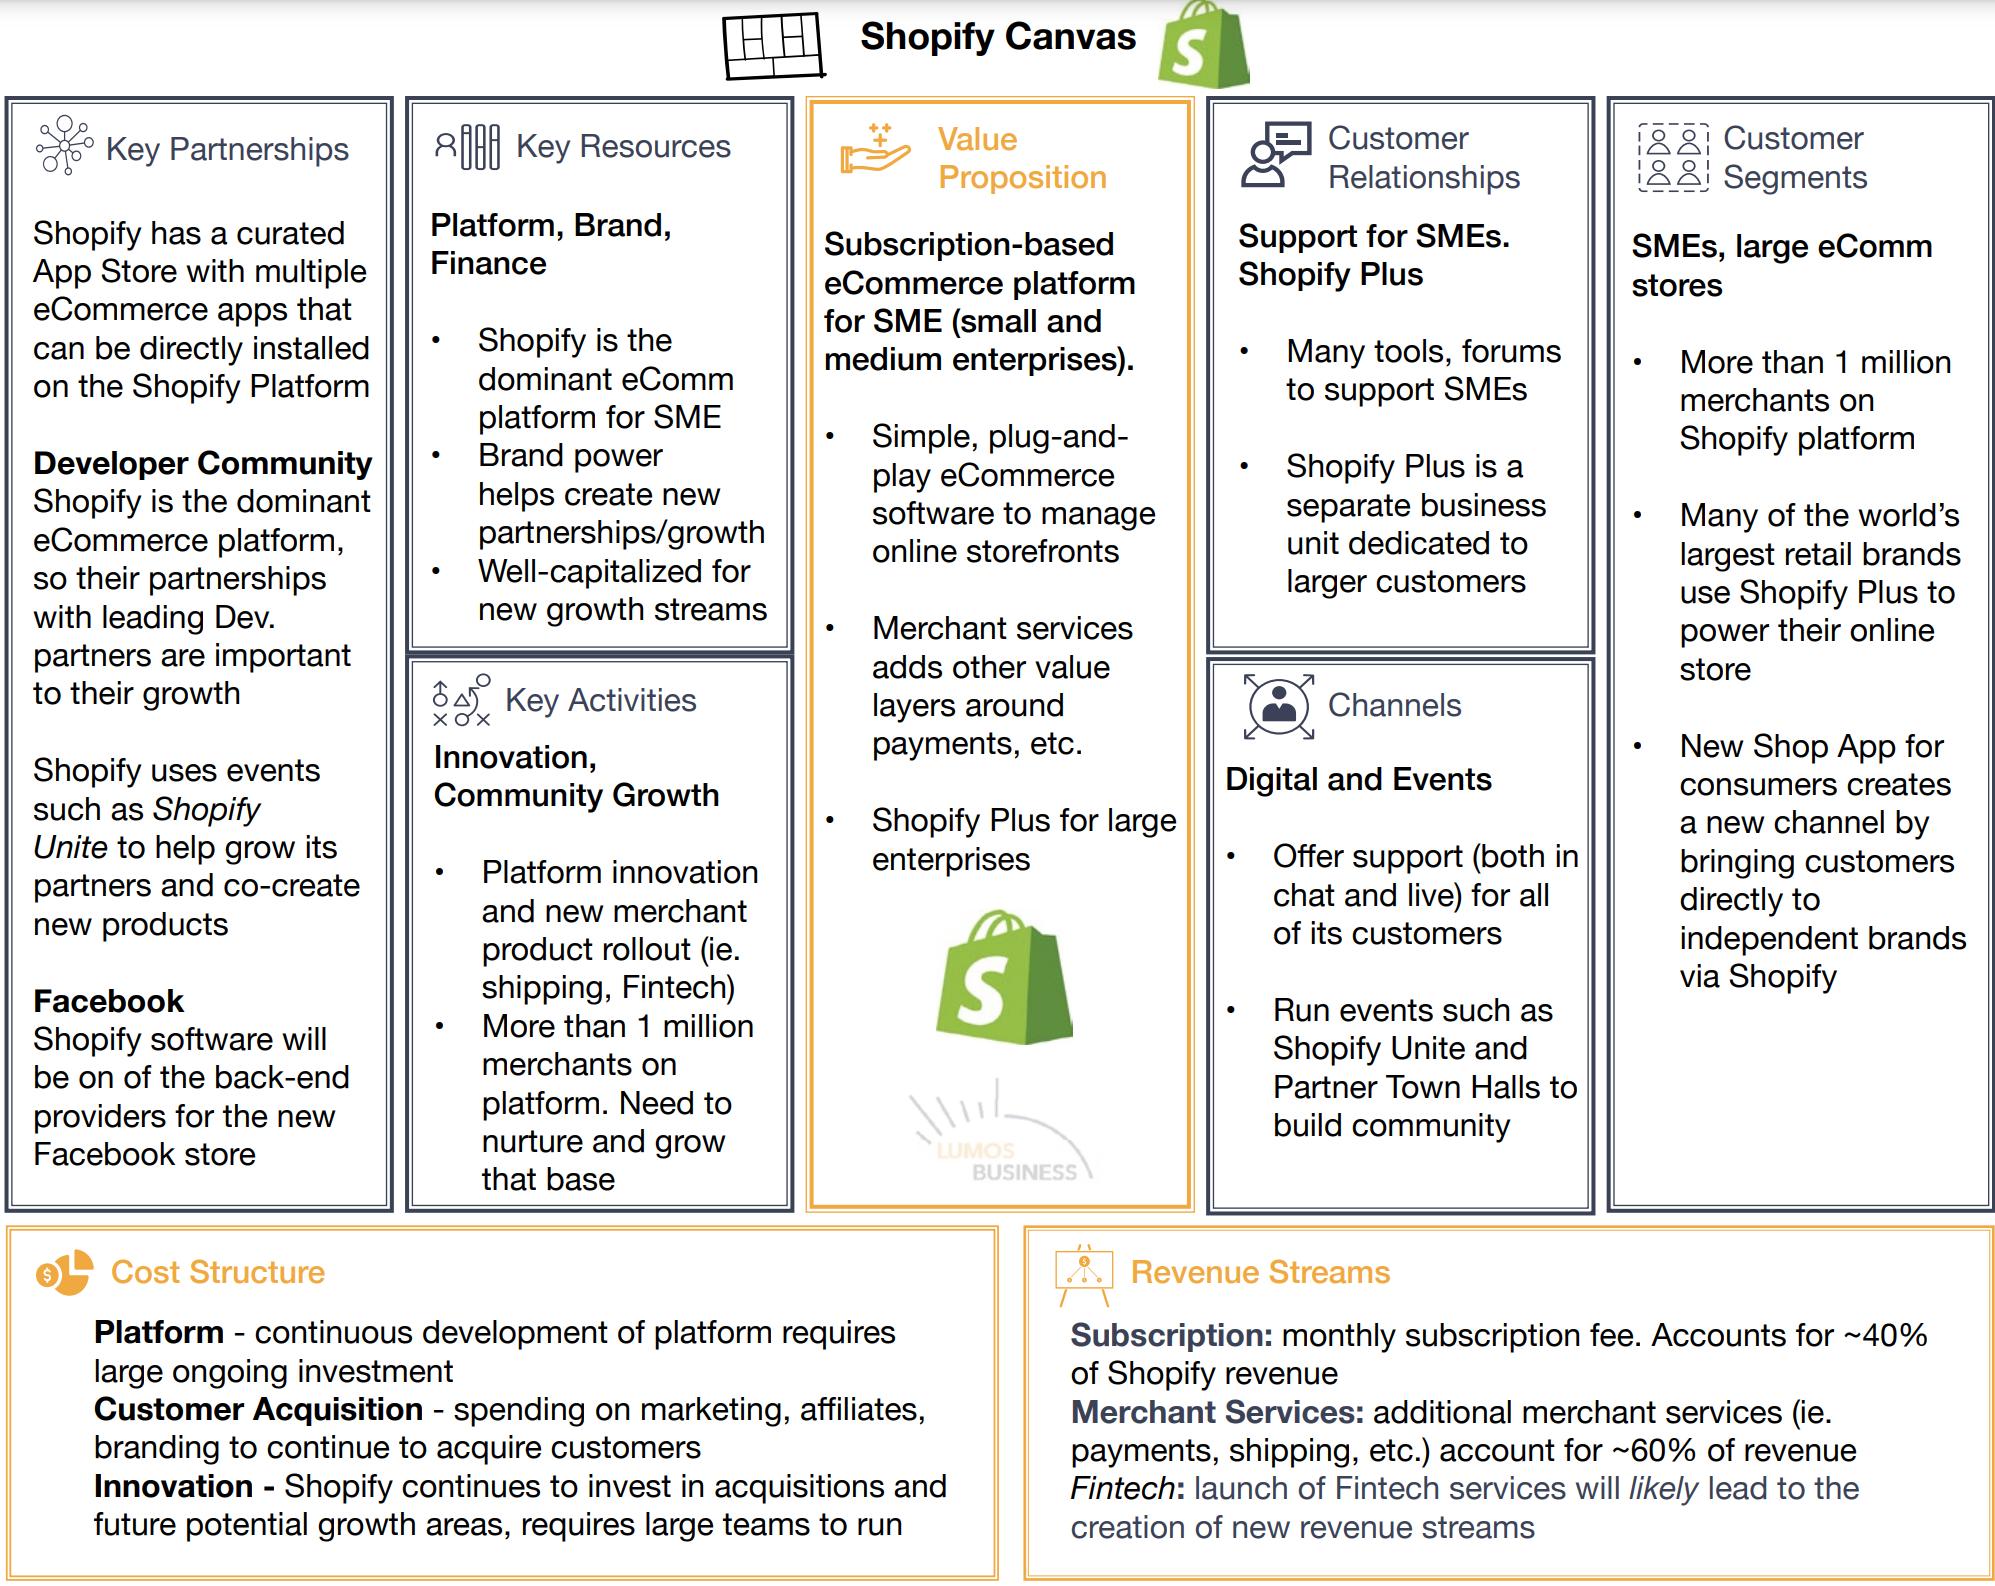 Mô hình kinh doanh canvas của Shopify